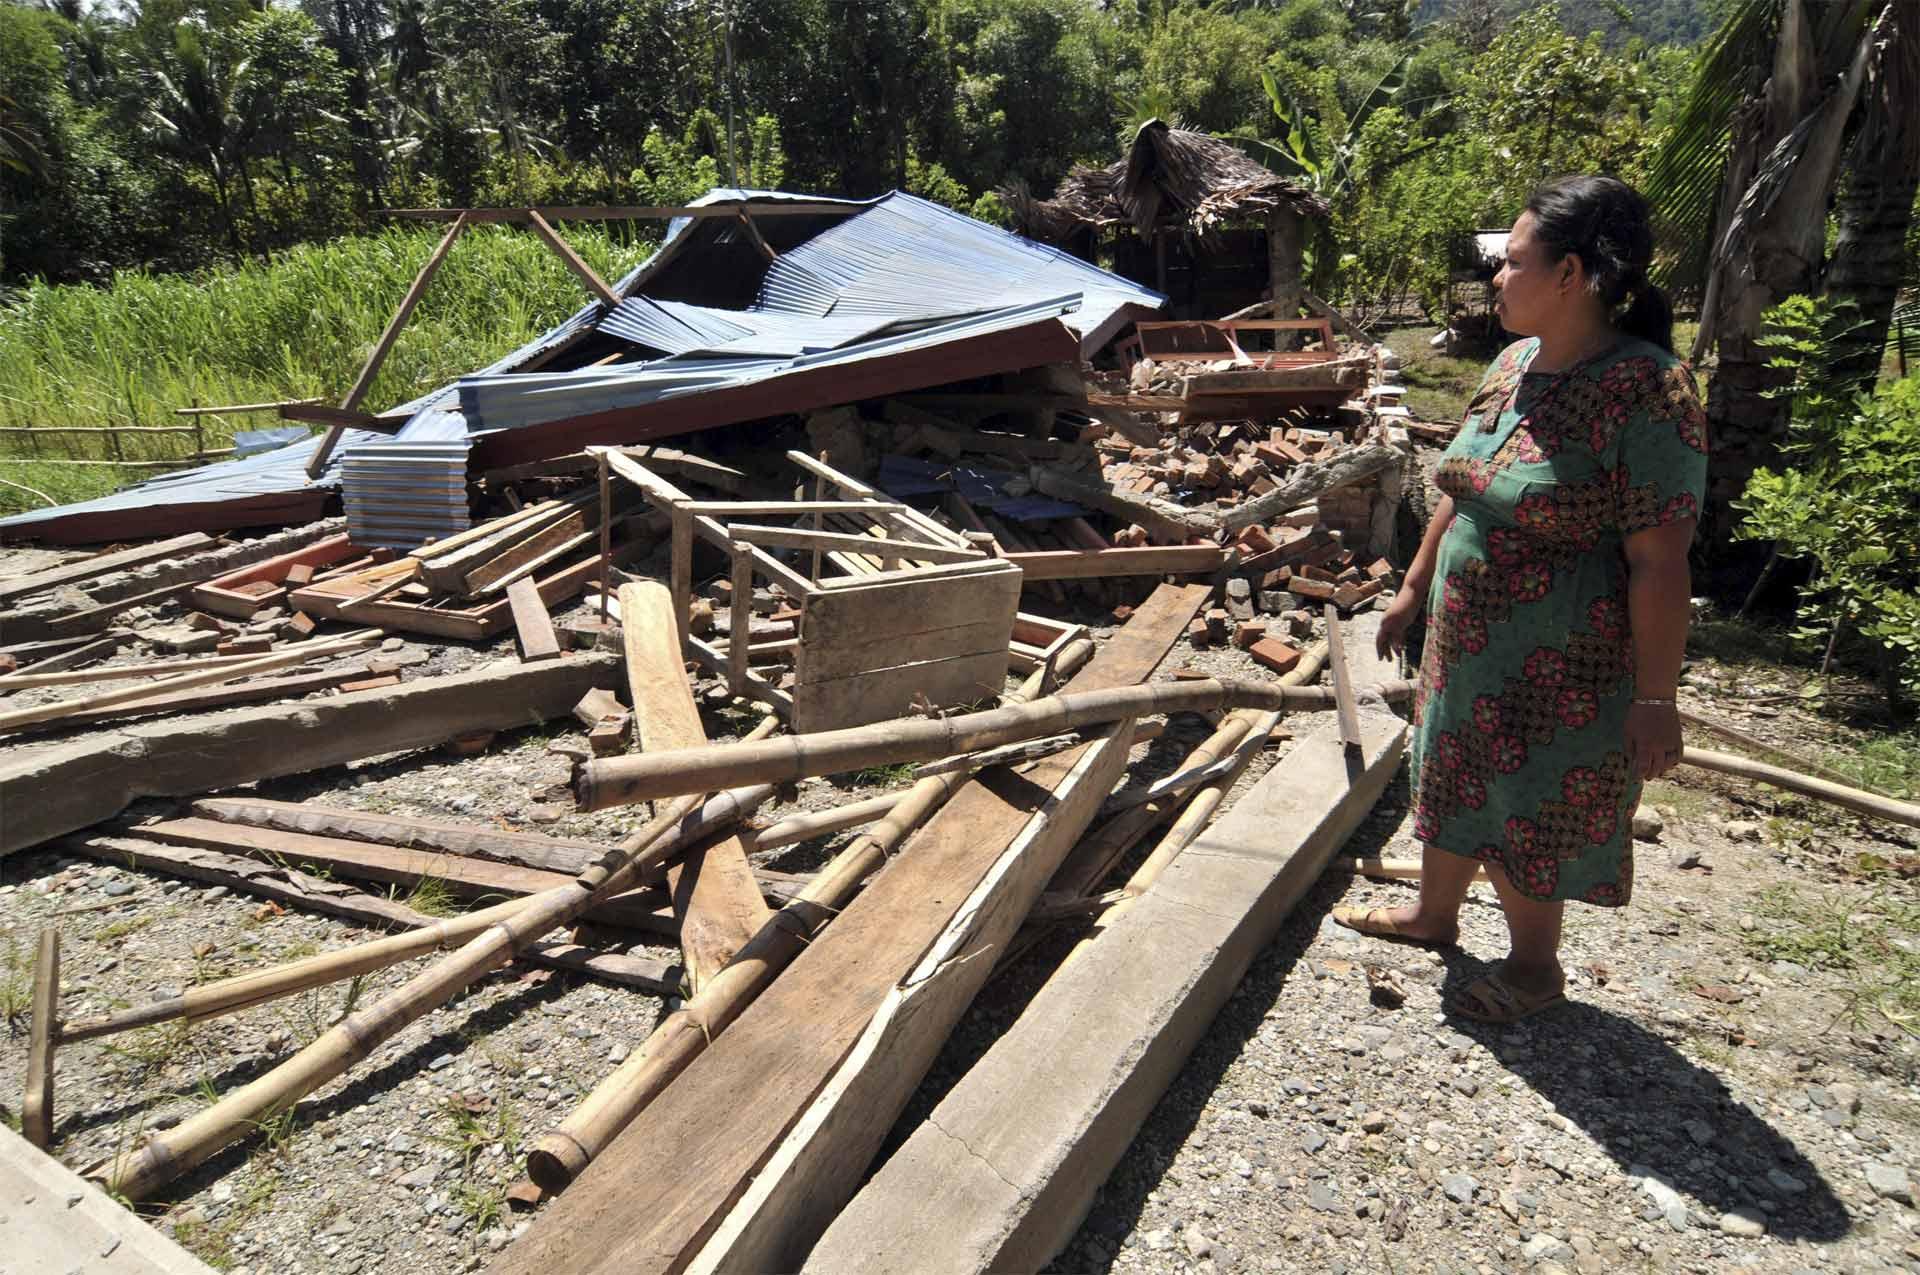 El Centro de Alertas por Tsunami del Pacífico no emitió alerta por riesgo de ola gigante